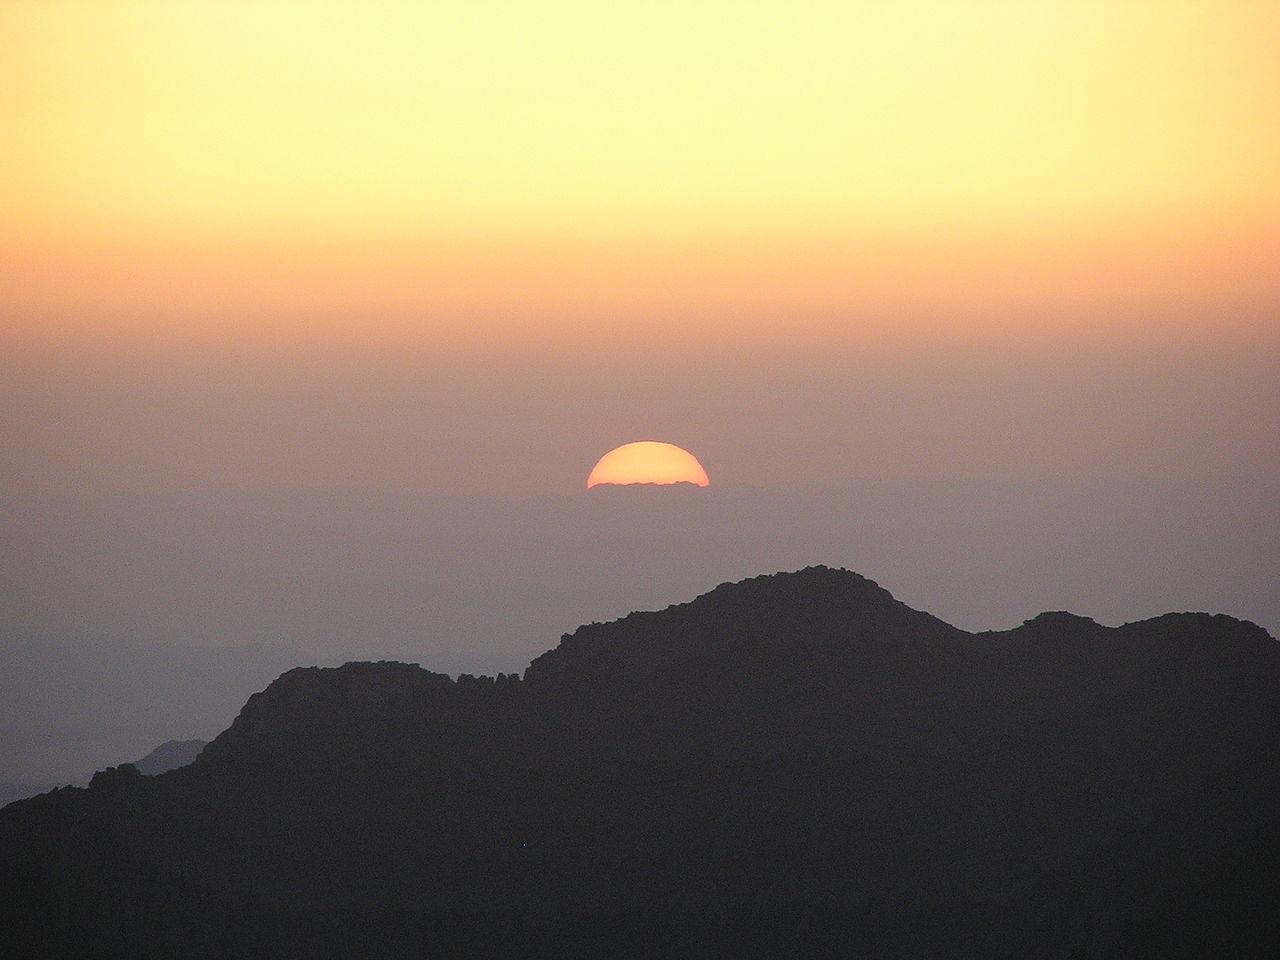 Mount Sinai, photo by Mabdella